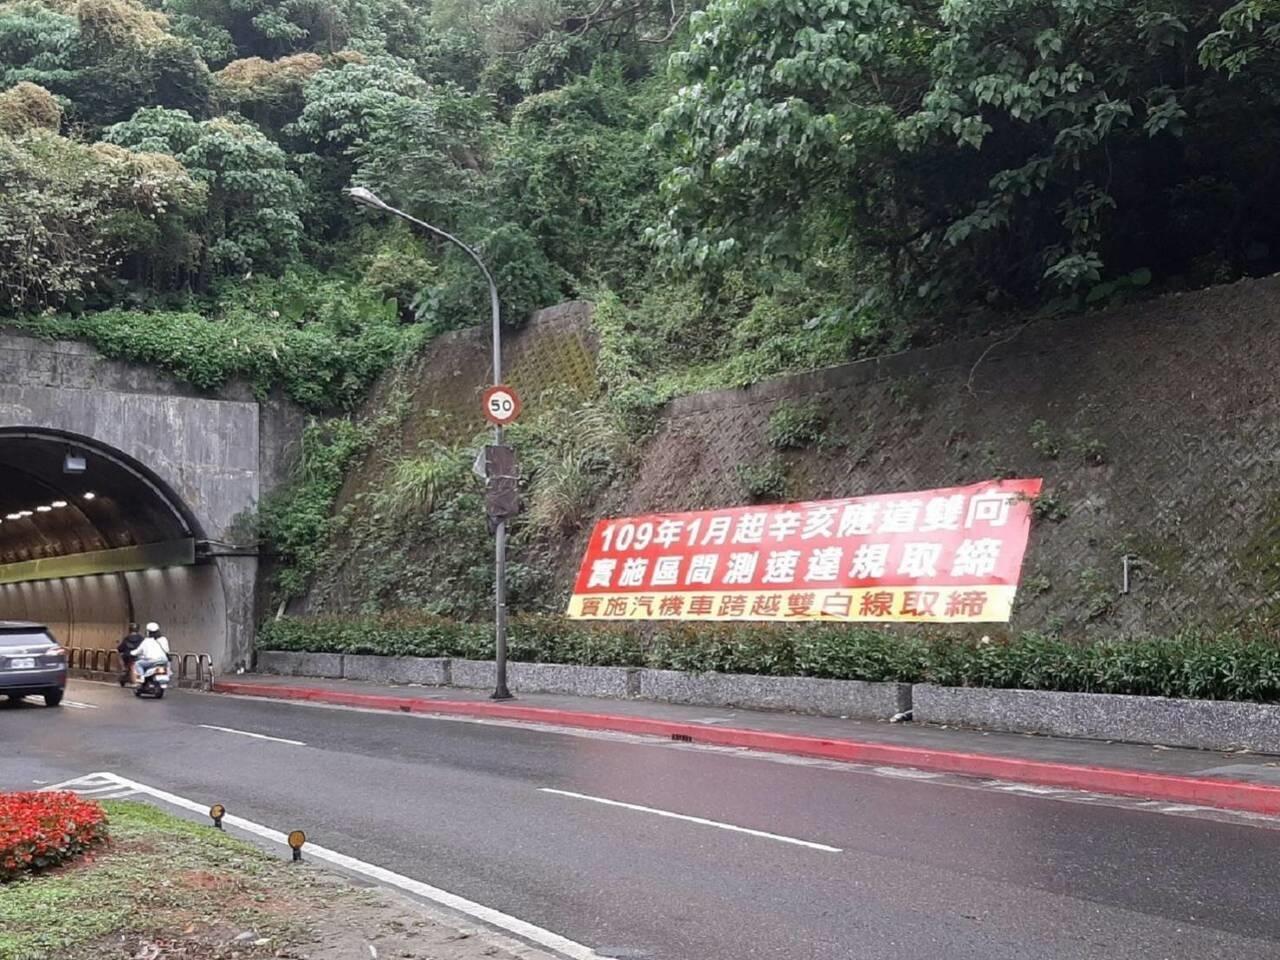 台北市辛亥隧道「區間測速」元旦上路,警方估計首日遭測速系統抓到的超速件數與自強隧道差不多。圖/警方提供